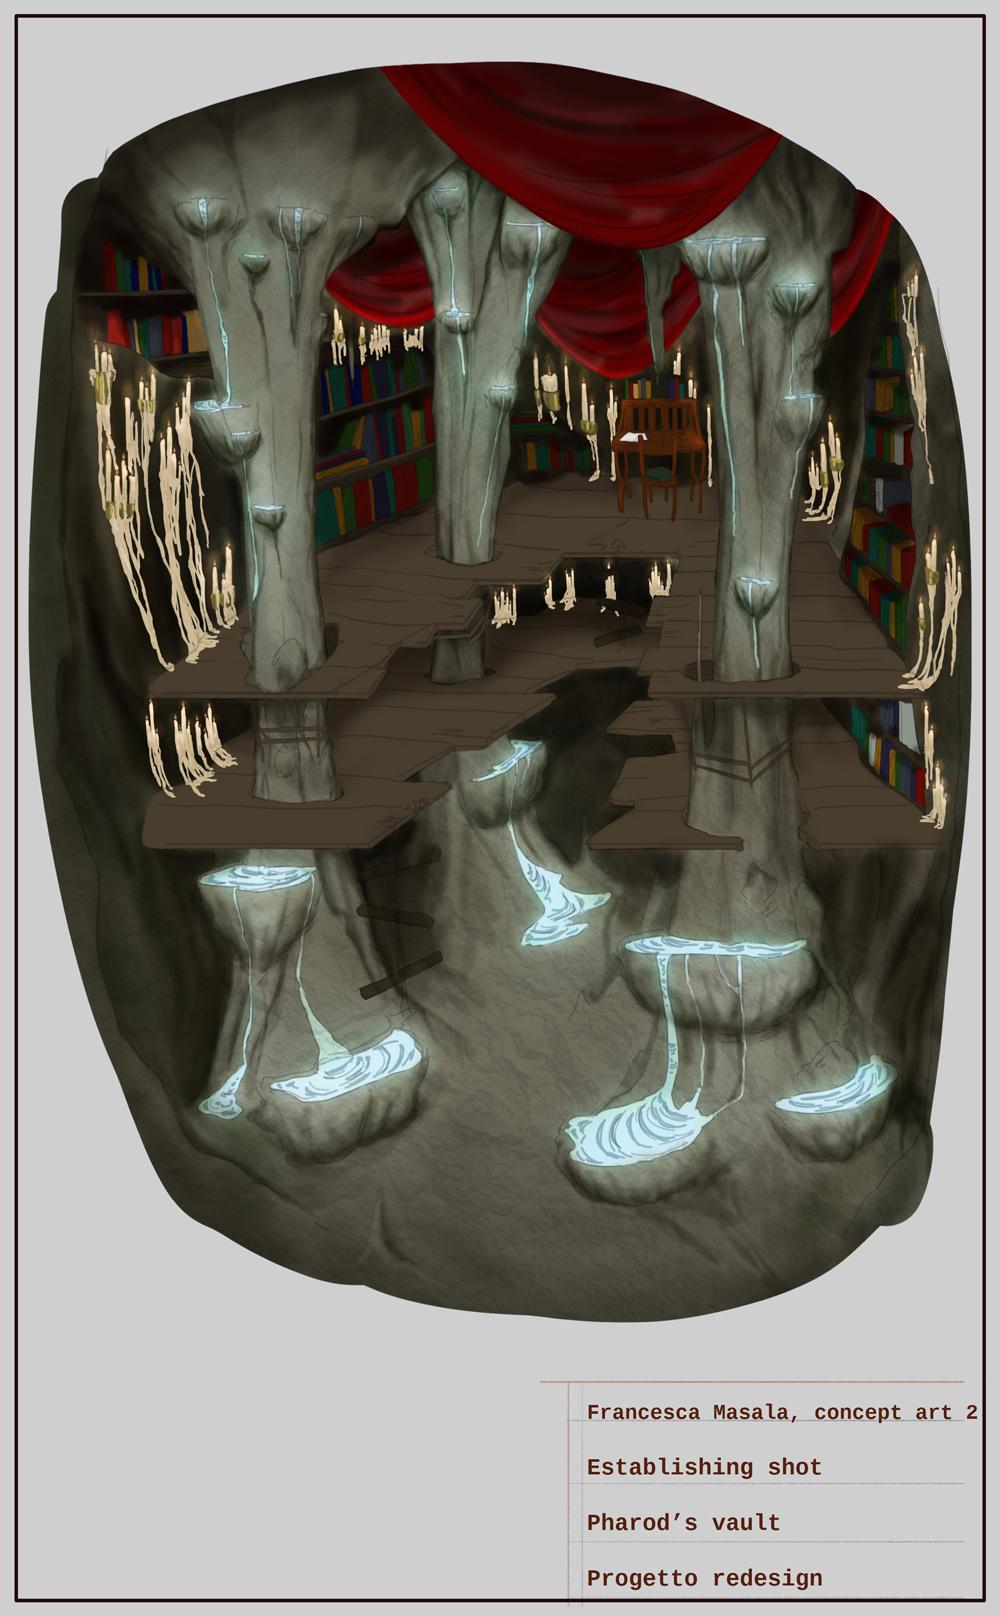 {$tags} Concept ambiente, Pharod's Vault - by Francesca Masala Planescape Torment Redesign Project (2020) © Scuola Internazionale di Comics Torino e dell'autore, tutti i diritti riservati